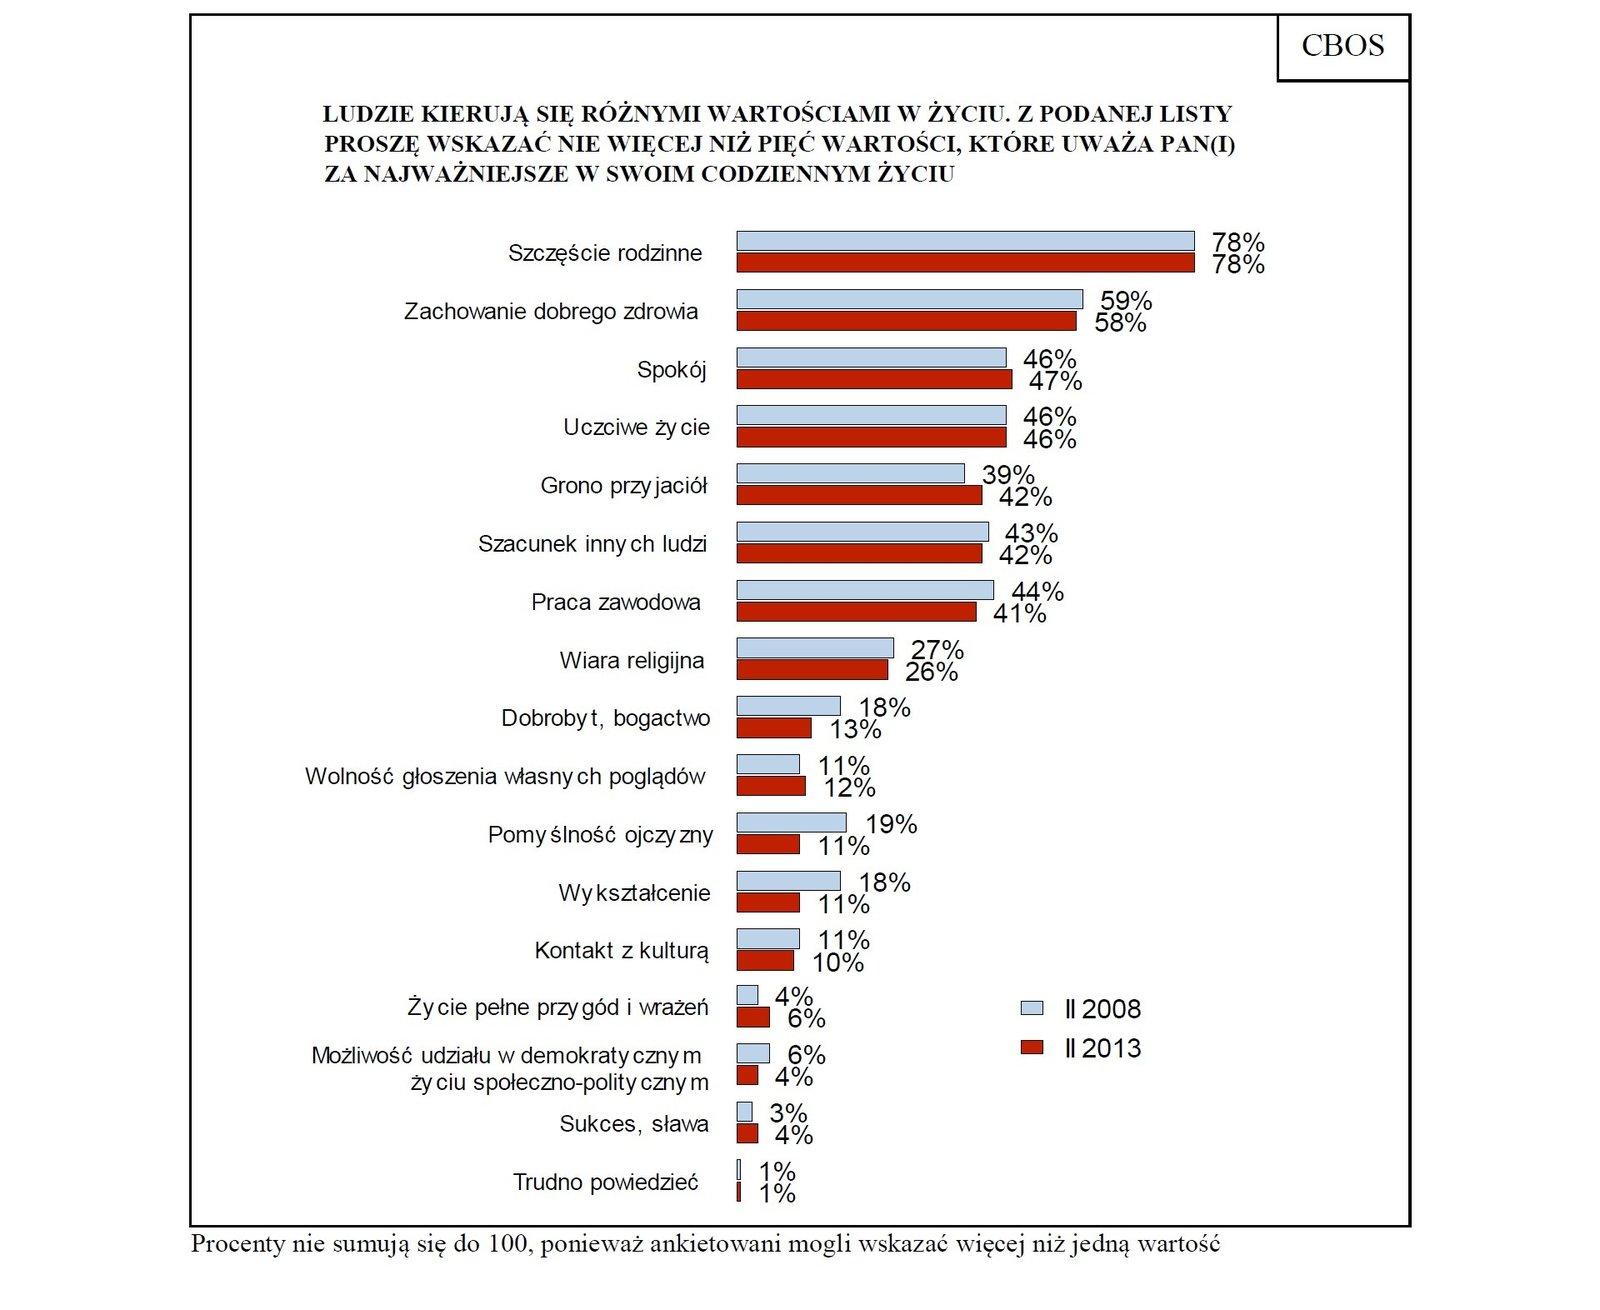 Wykres przedstawiający odpowiedź na pytanie onajważniejsze dla respondentów wartości